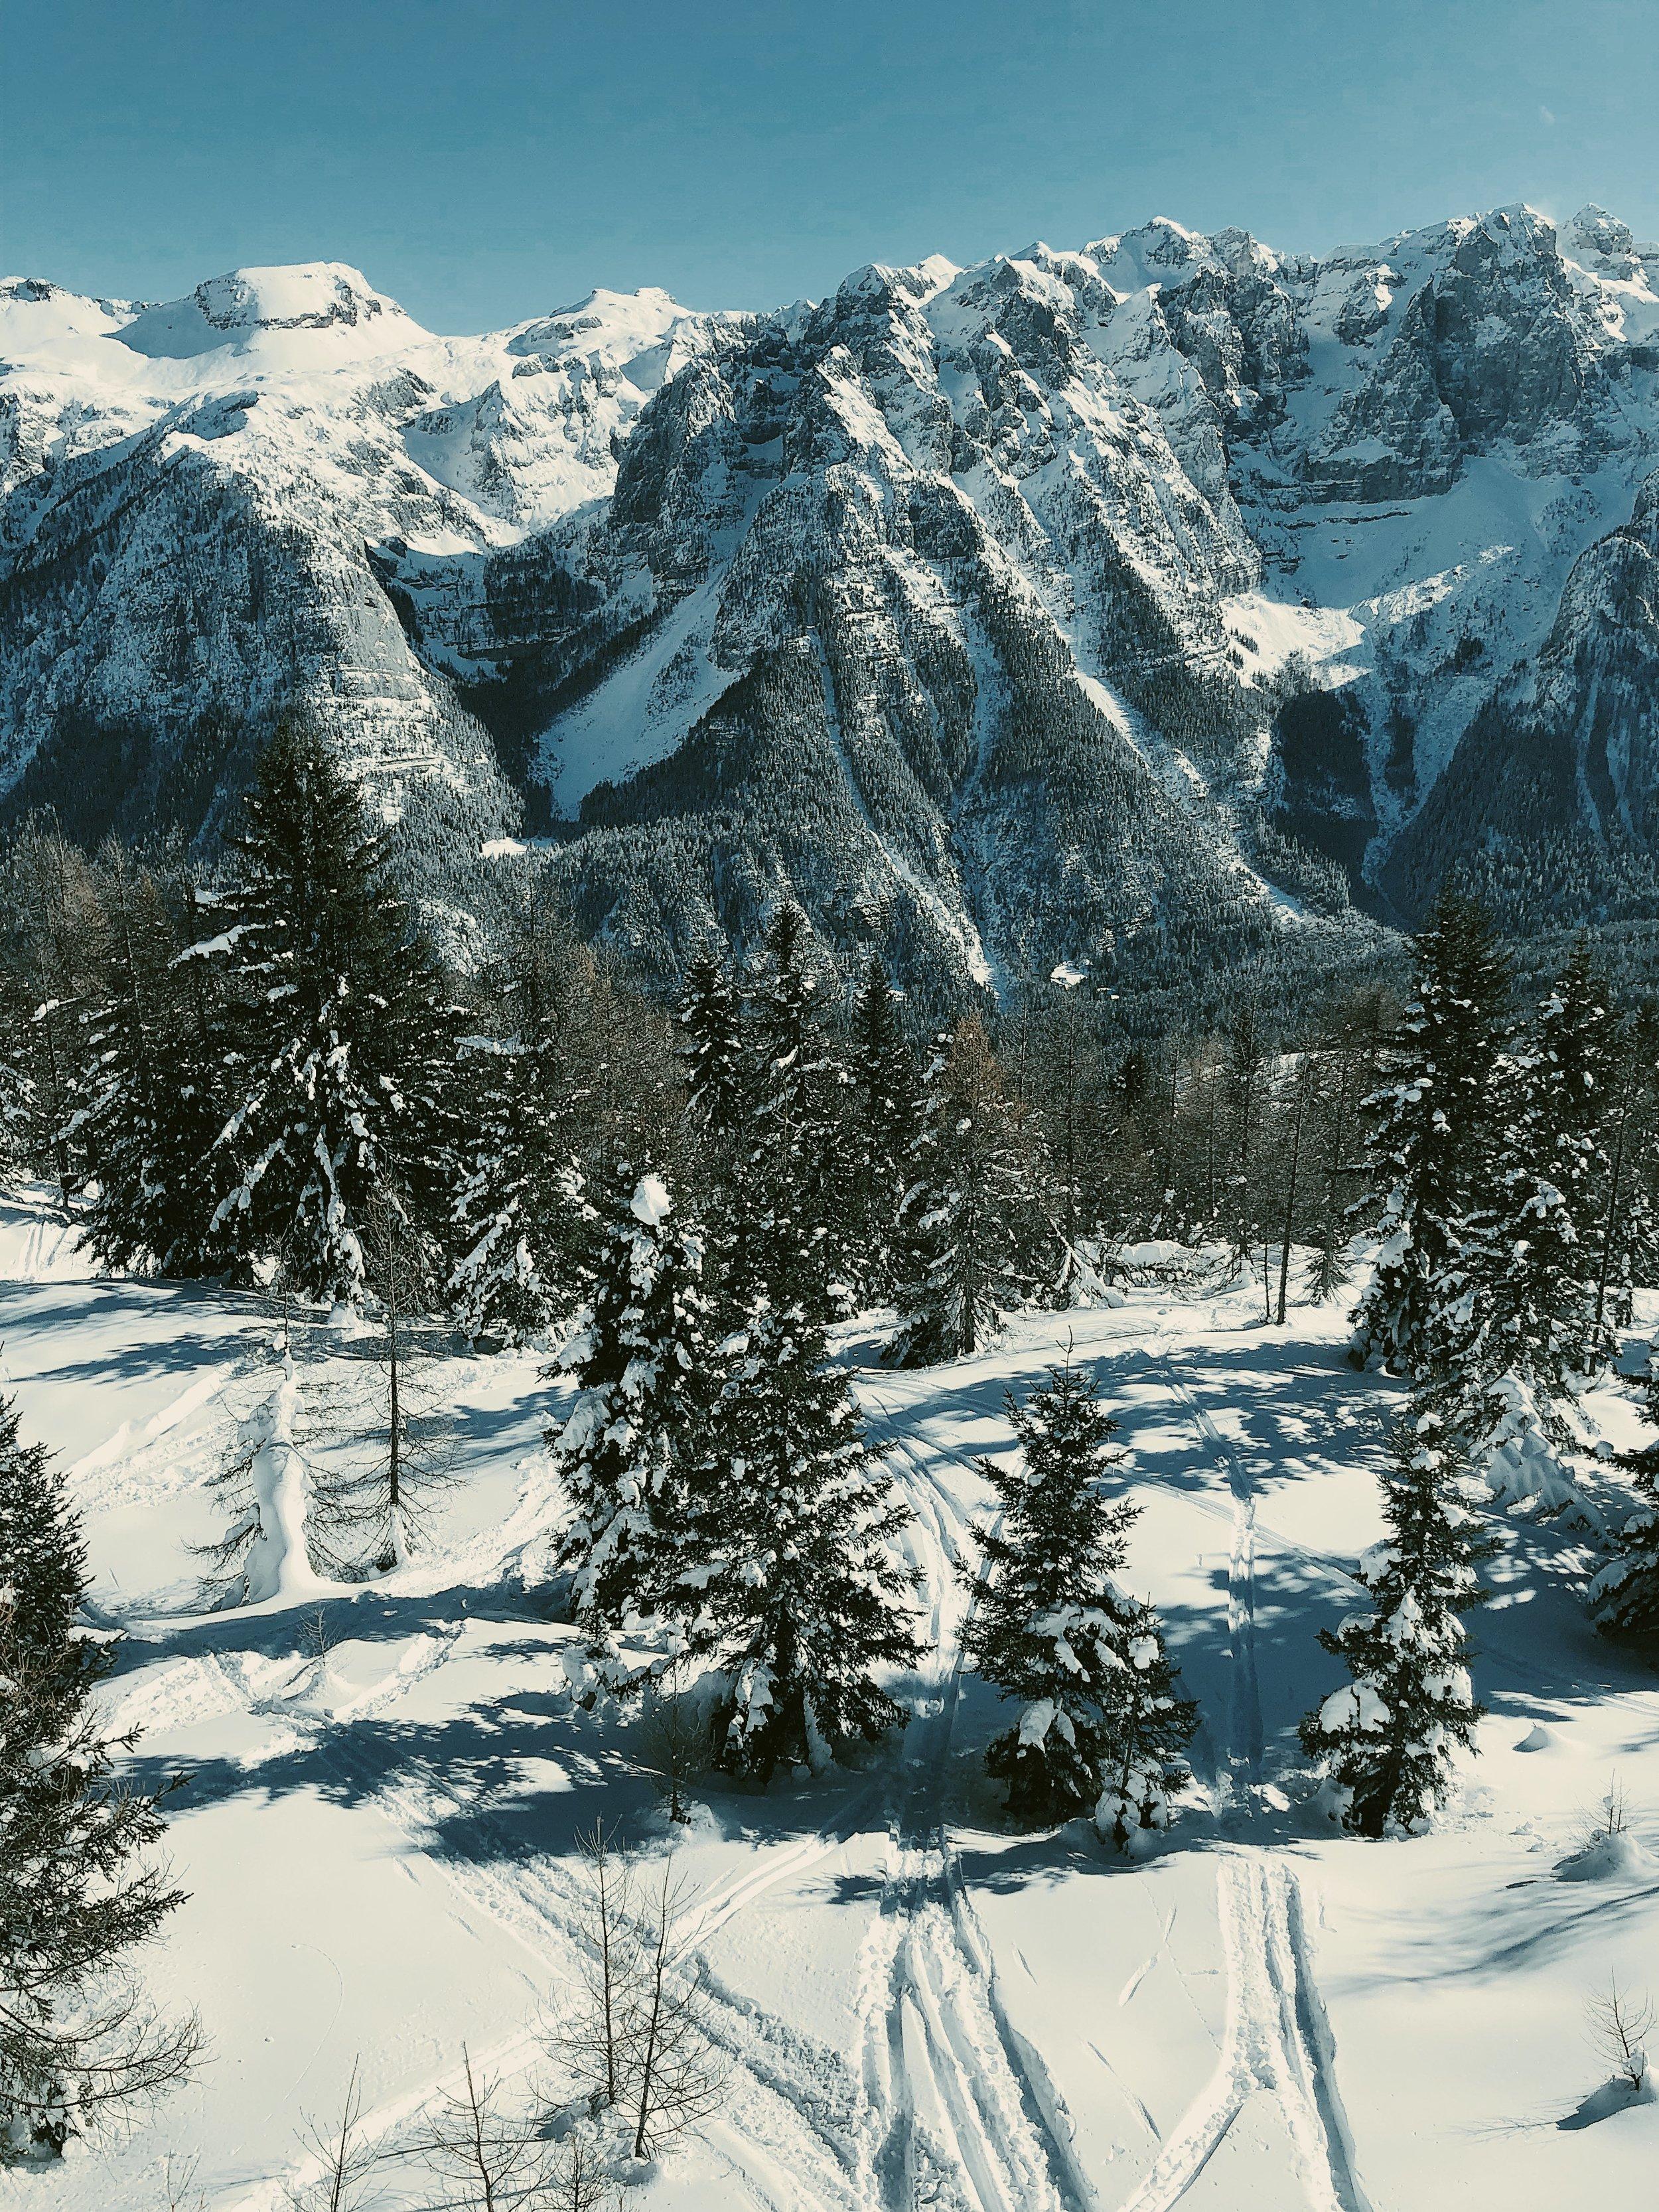 Poza trasami też można fajnie w Alpach polatać. Marileva.